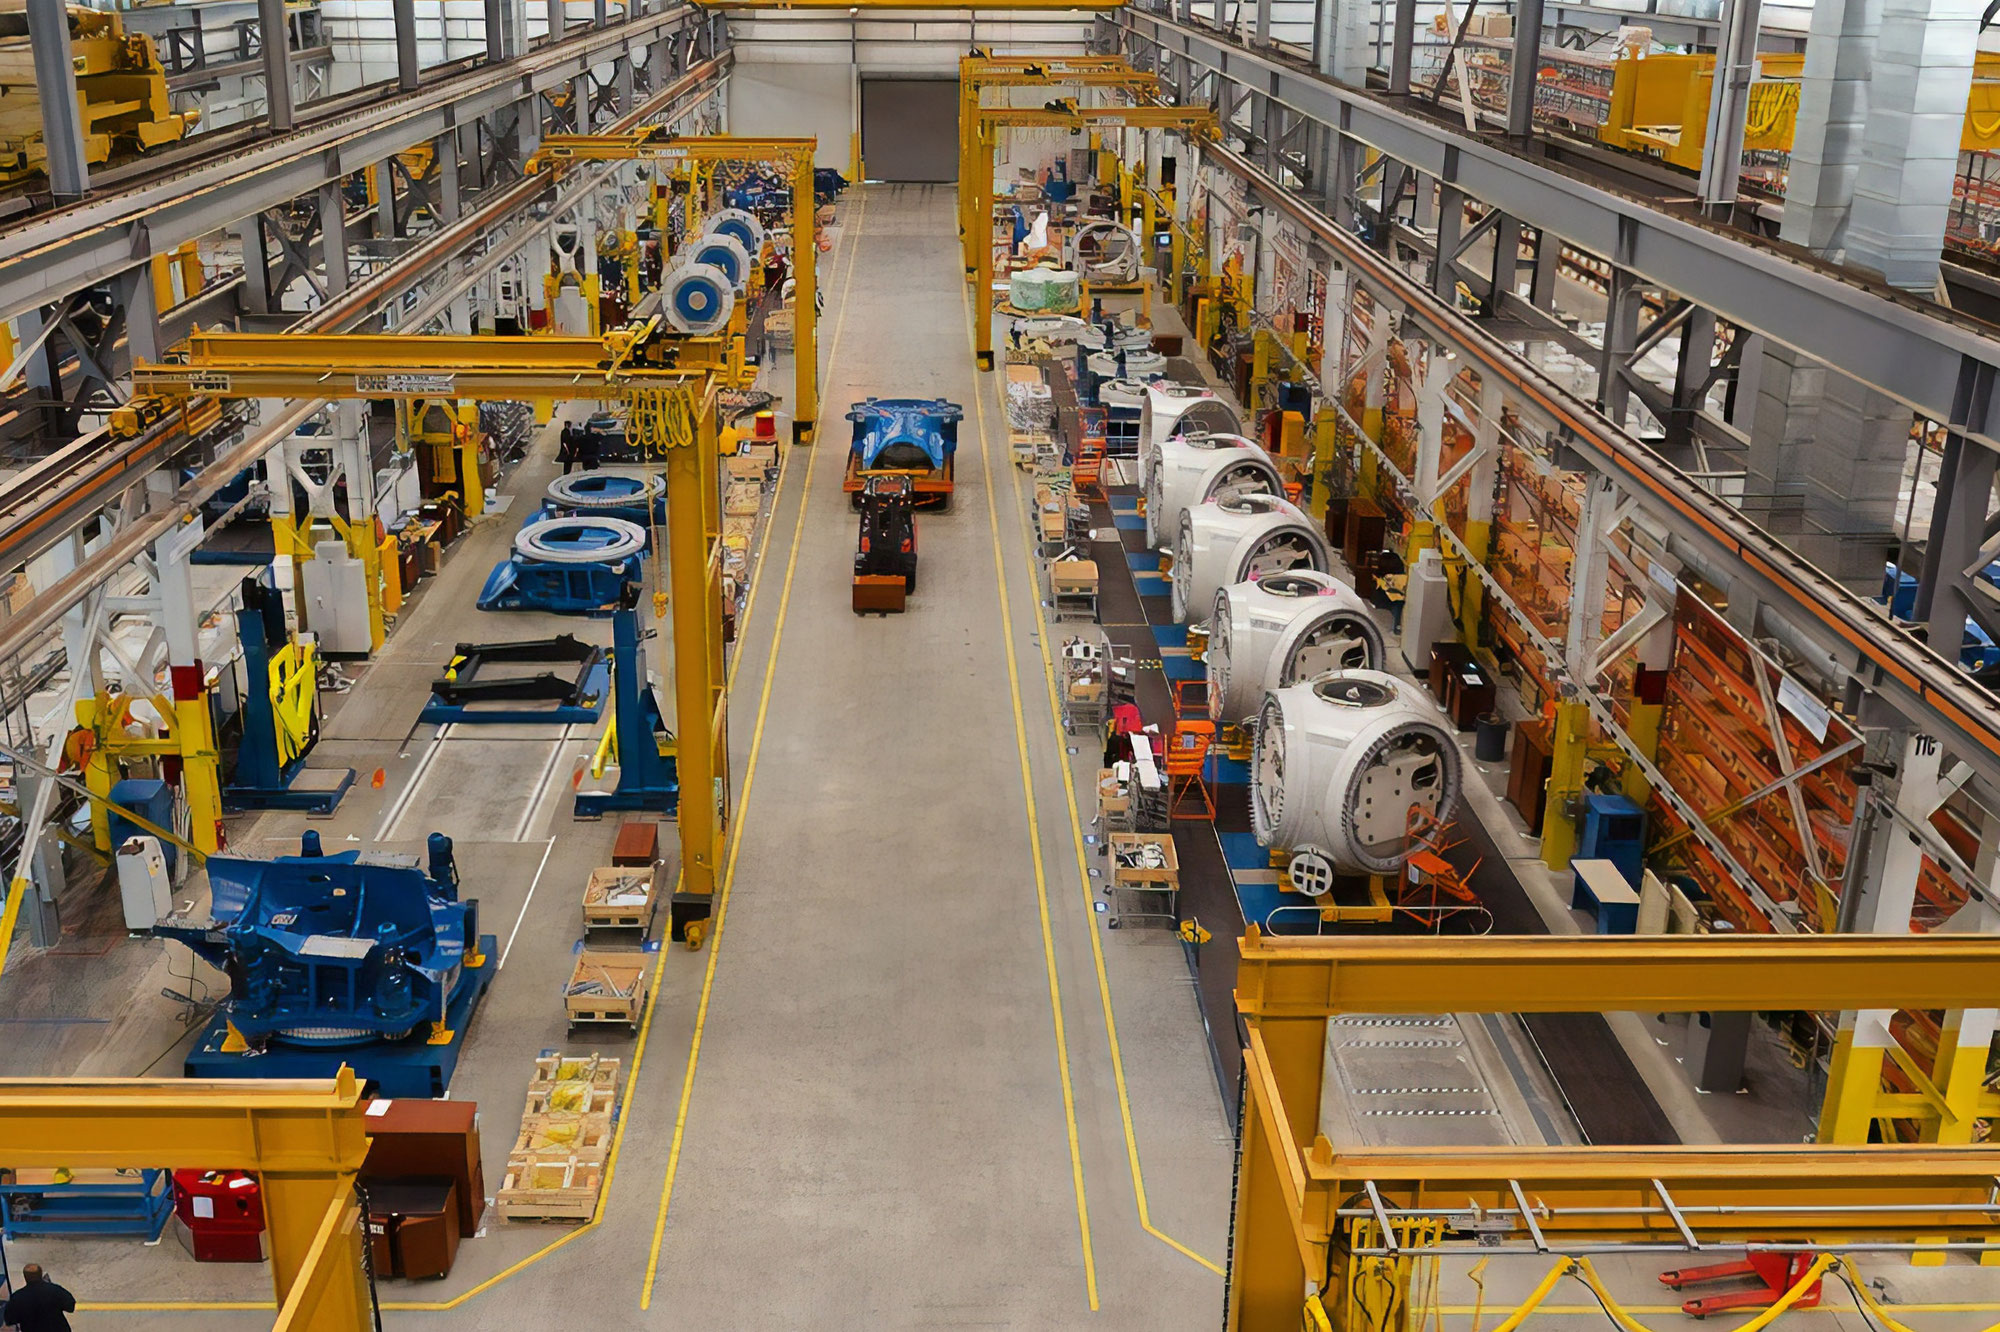 Riduzione costi aziendali esempi: un caso da 300.000 euro risparmiati all'anno